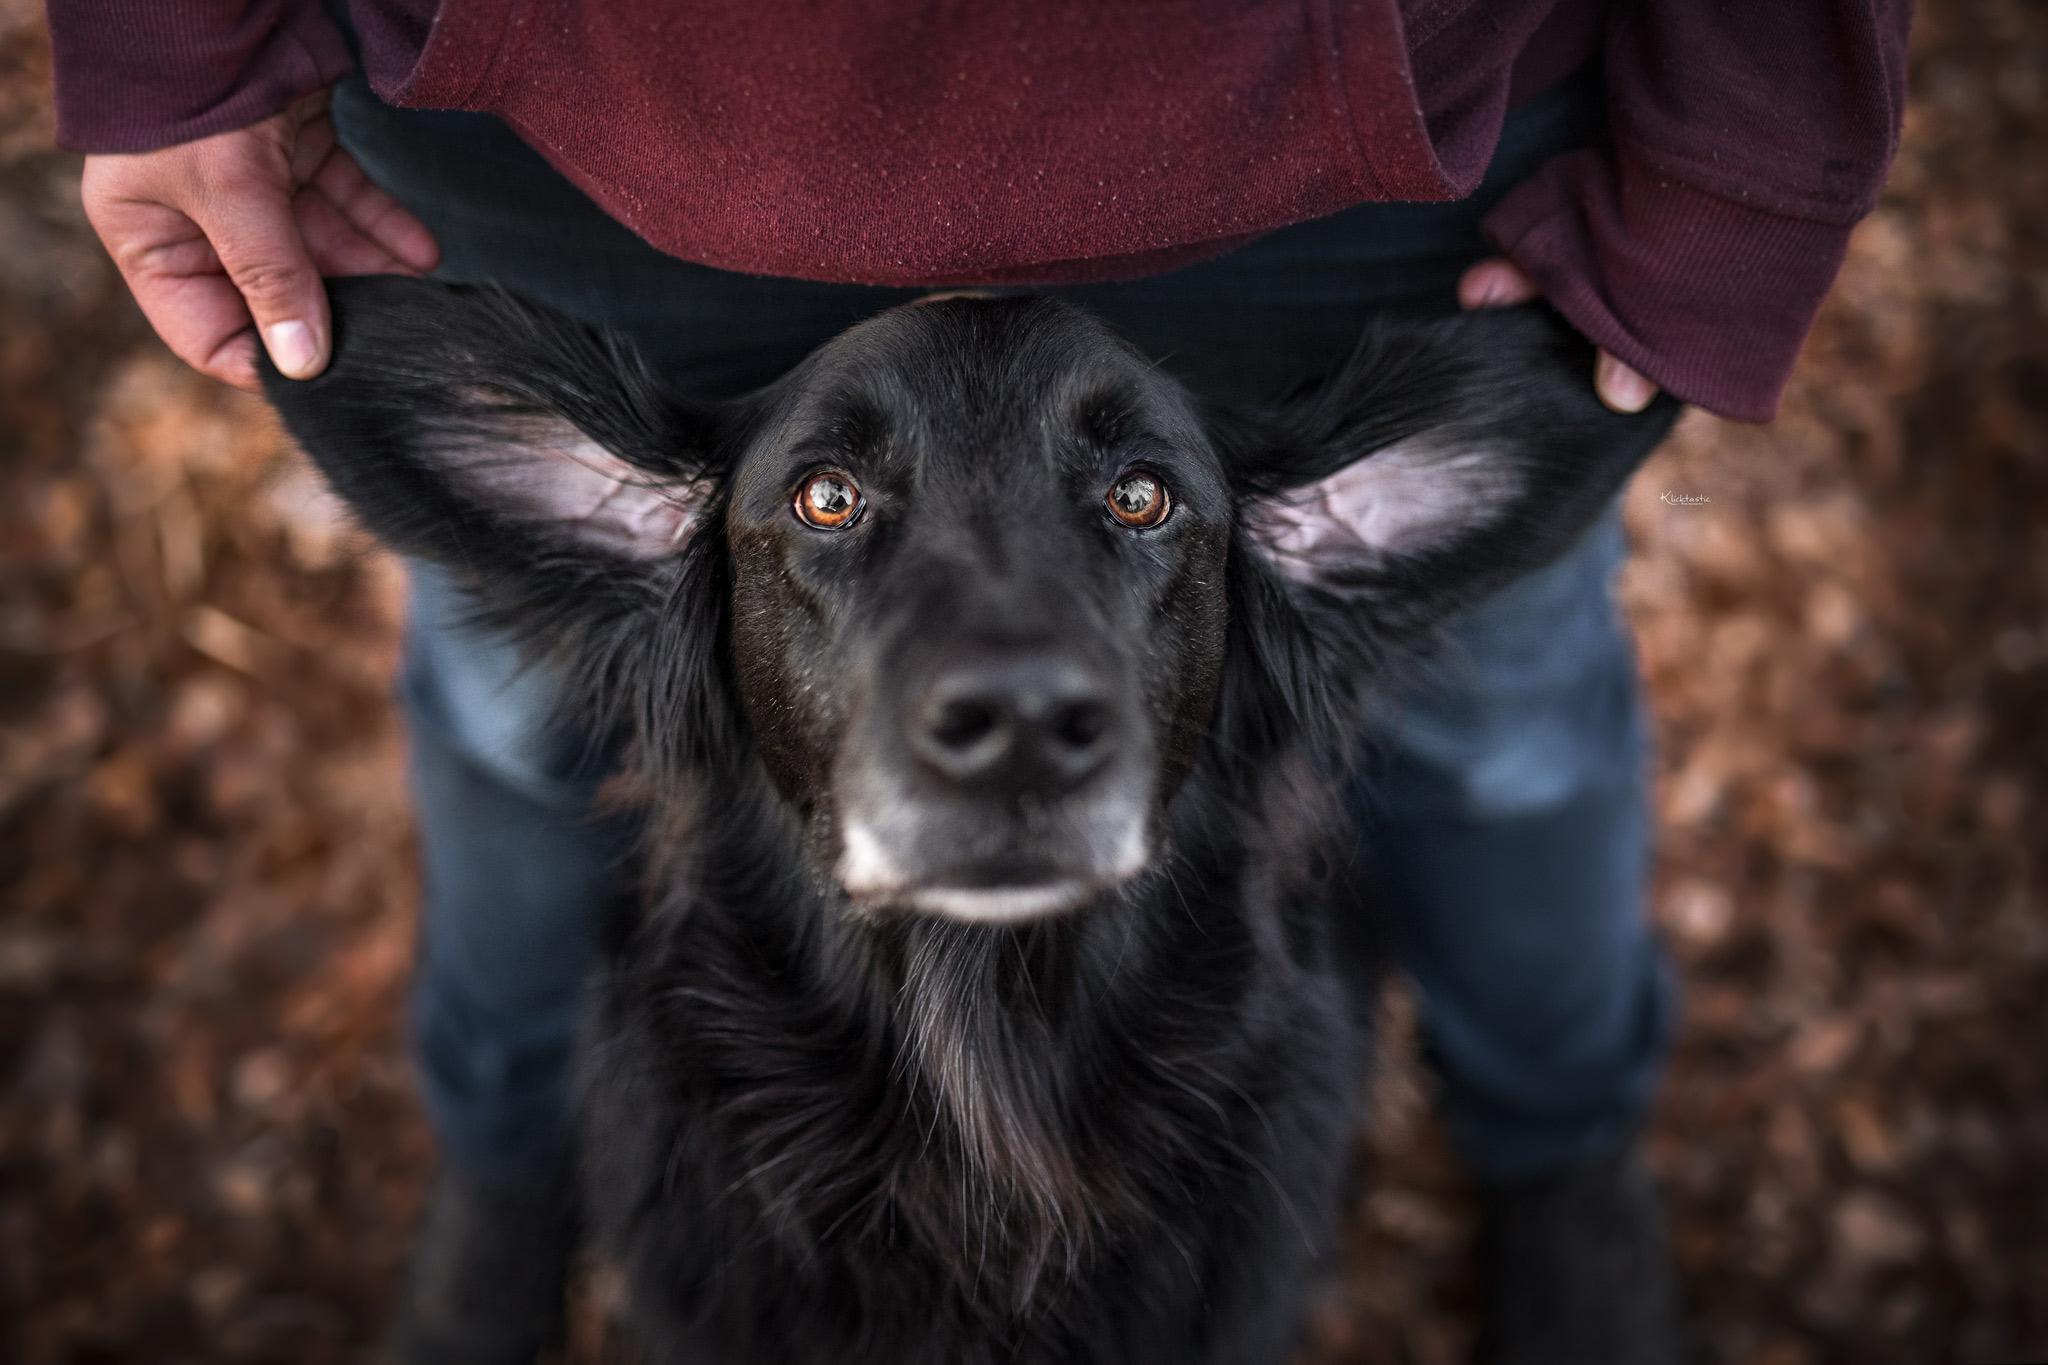 Ein schwarzer Hund und seine schönen großen Ohren